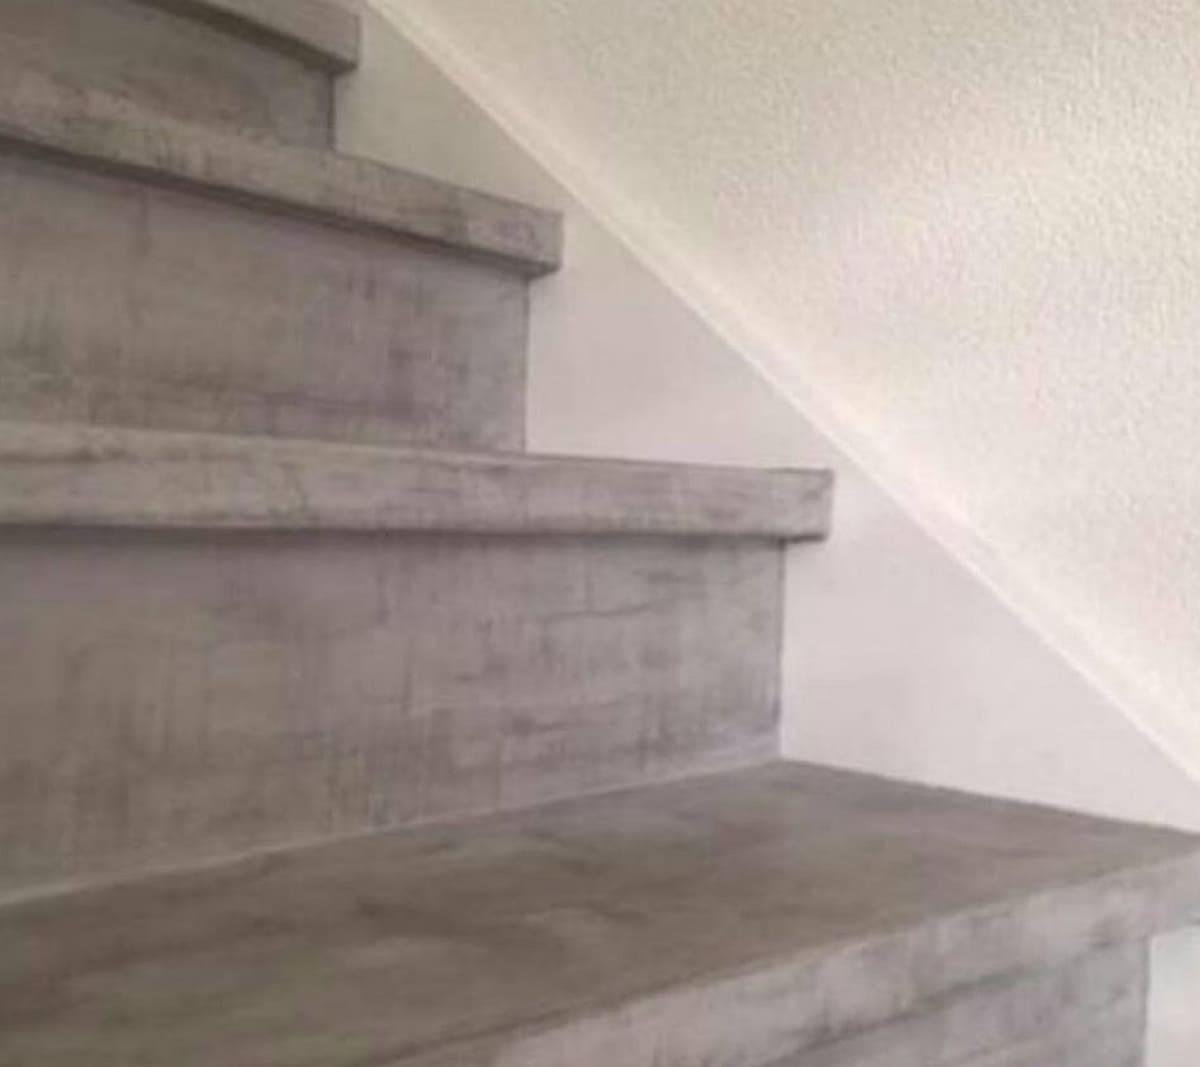 Uitgelezene 3 ideeën om je trap een Betonlook te geven met mortel of verf PP-08